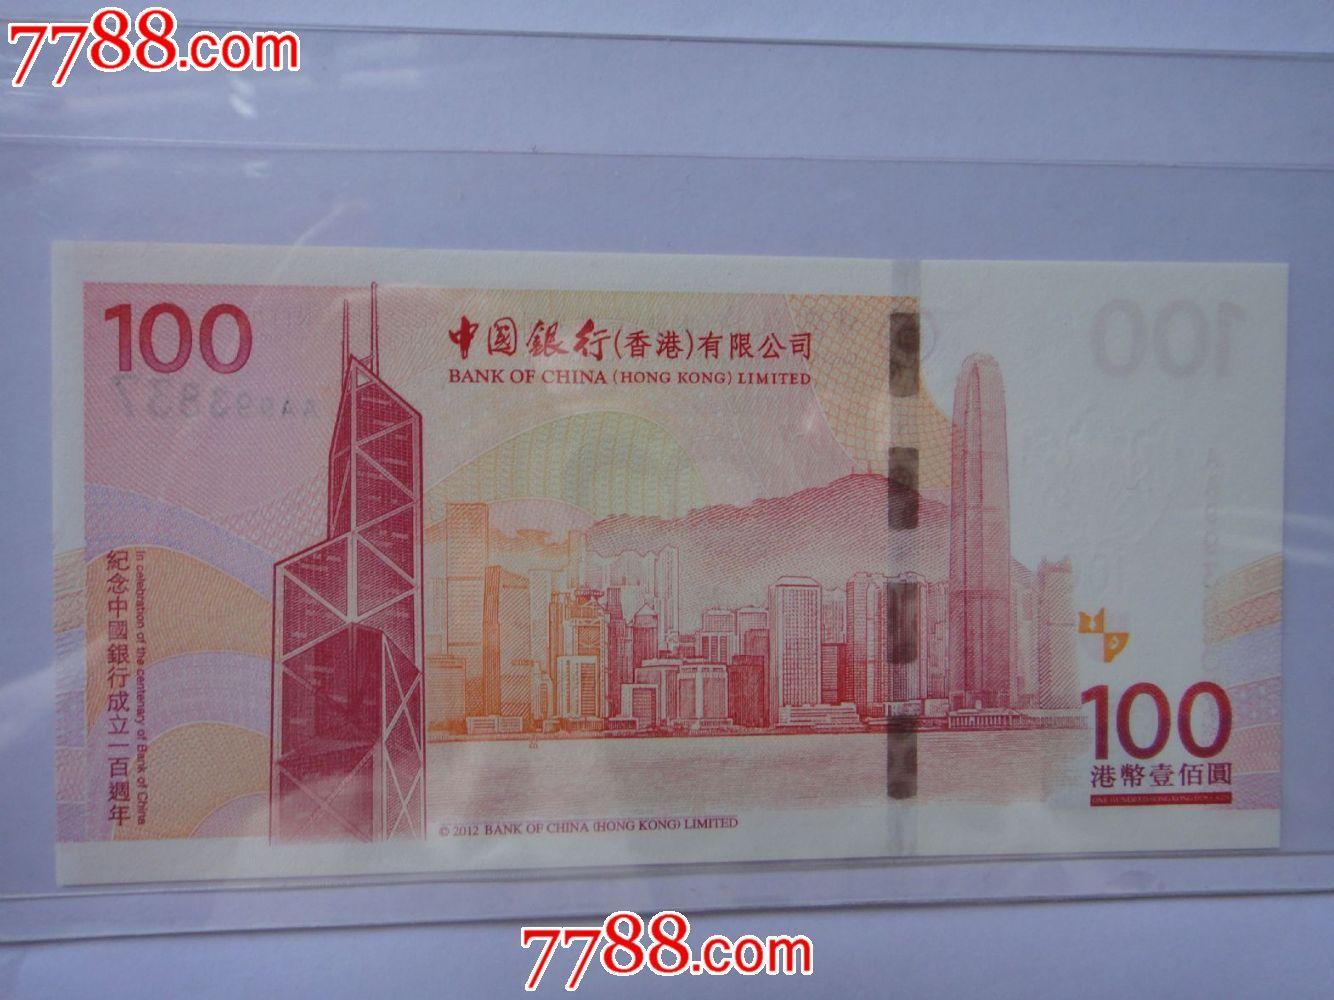 香港中国银行100周年纪念钞1张